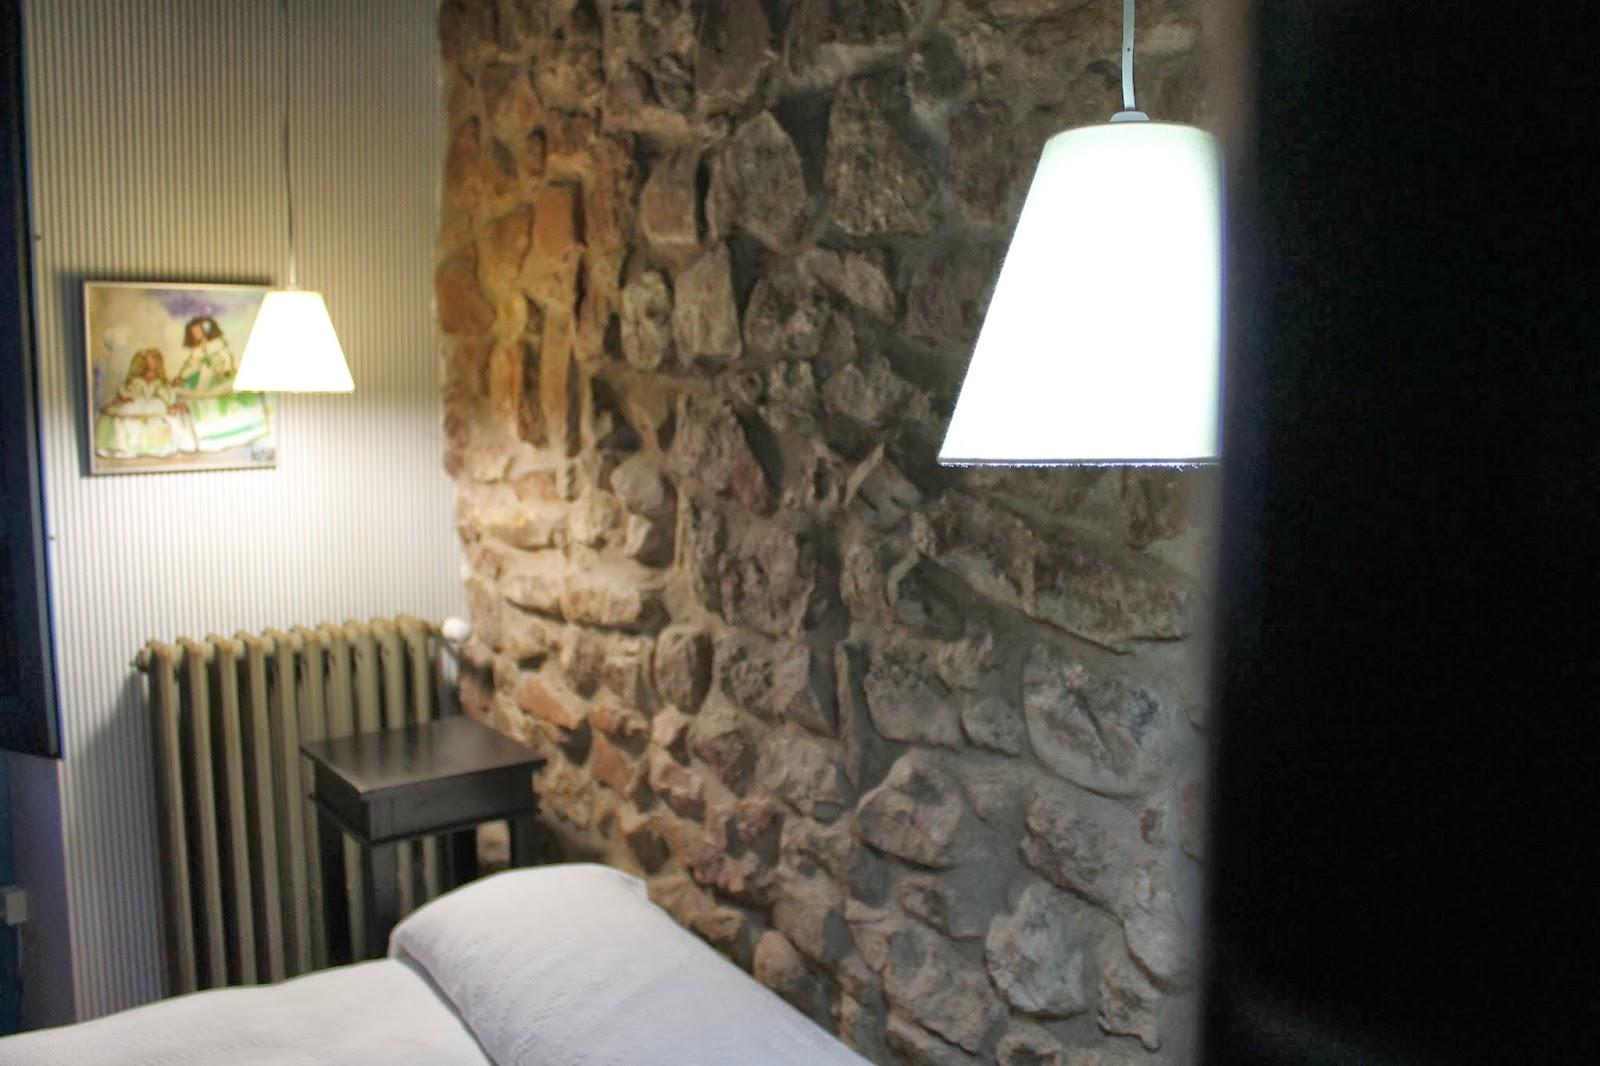 Dormitorio Casa Tia Quica, decoracion en crema.